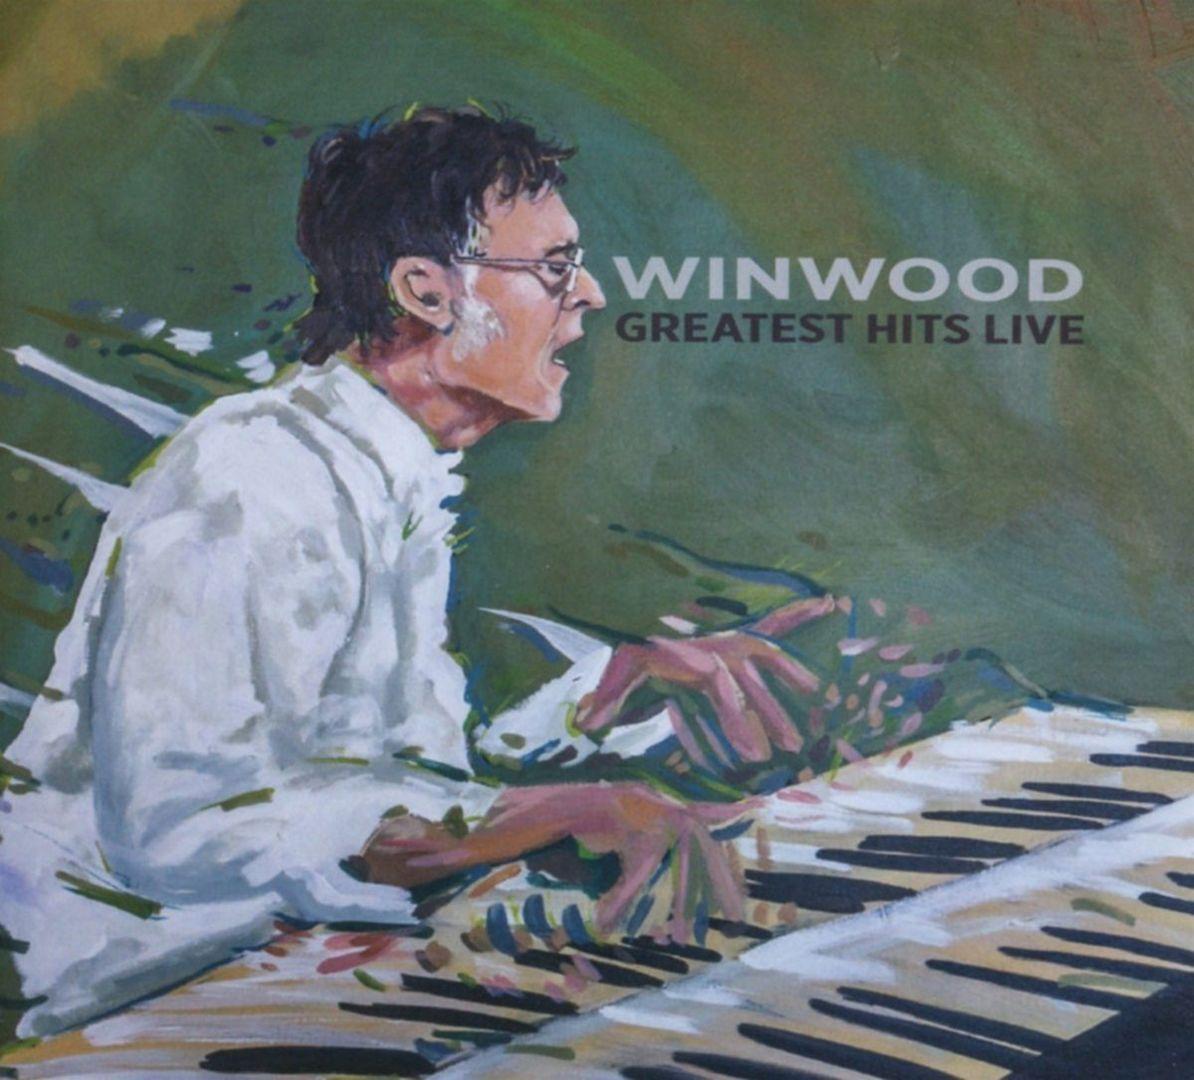 steve winwood greatest